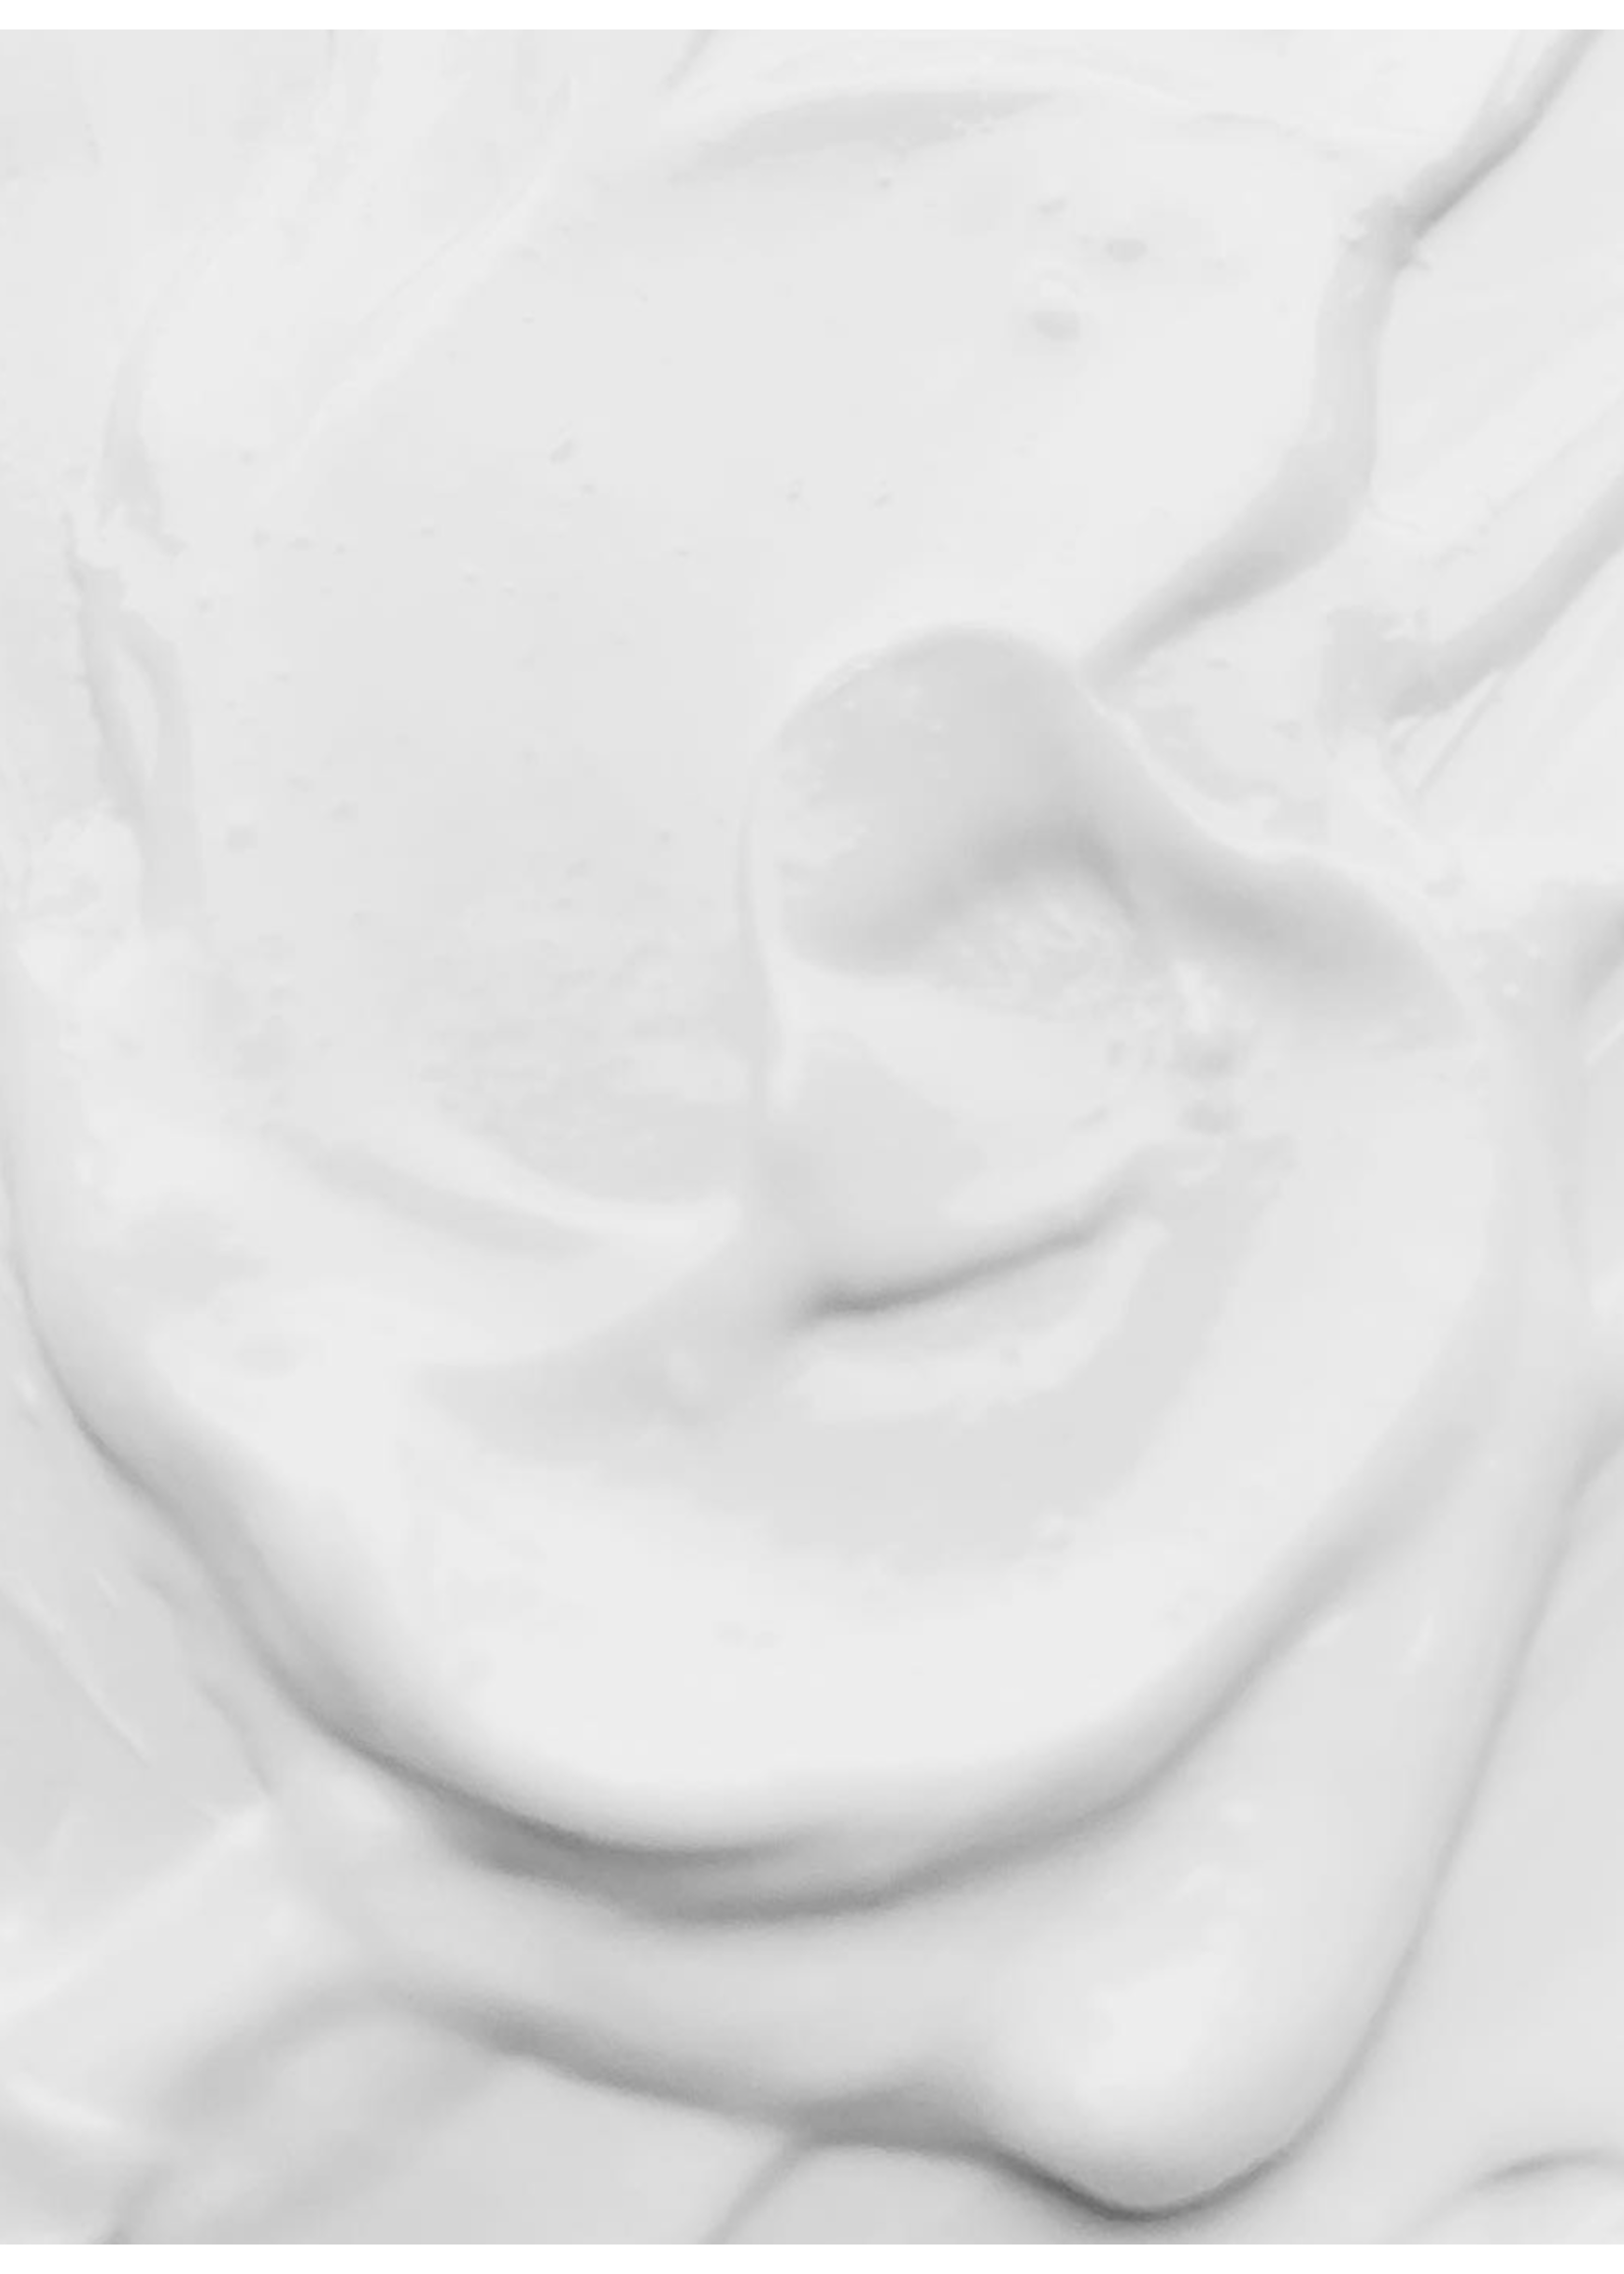 Kai Fragrance Kai Moisturizing Body Lotion